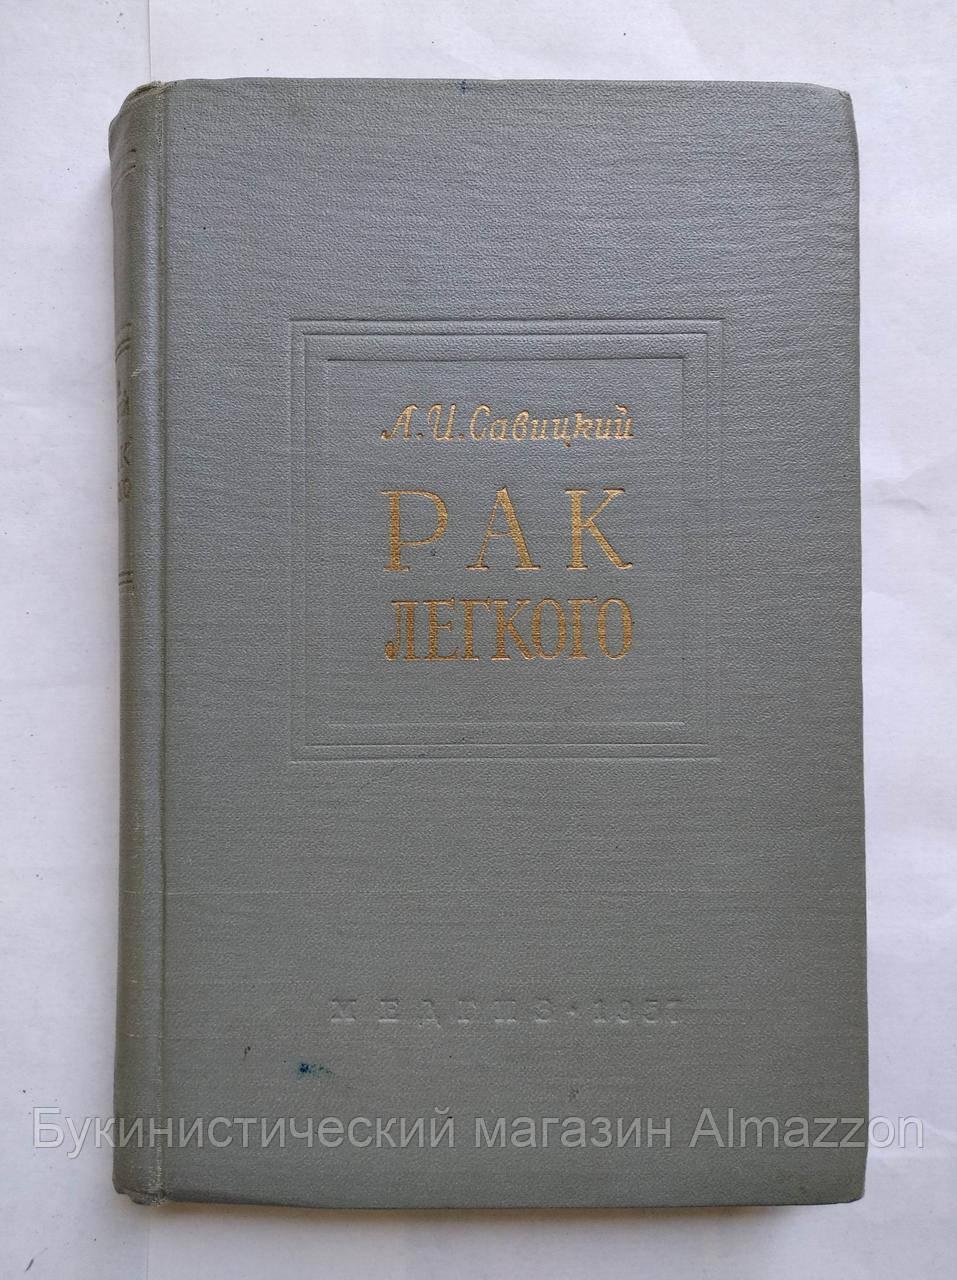 А.Савицкий Рак легкого 1957 год